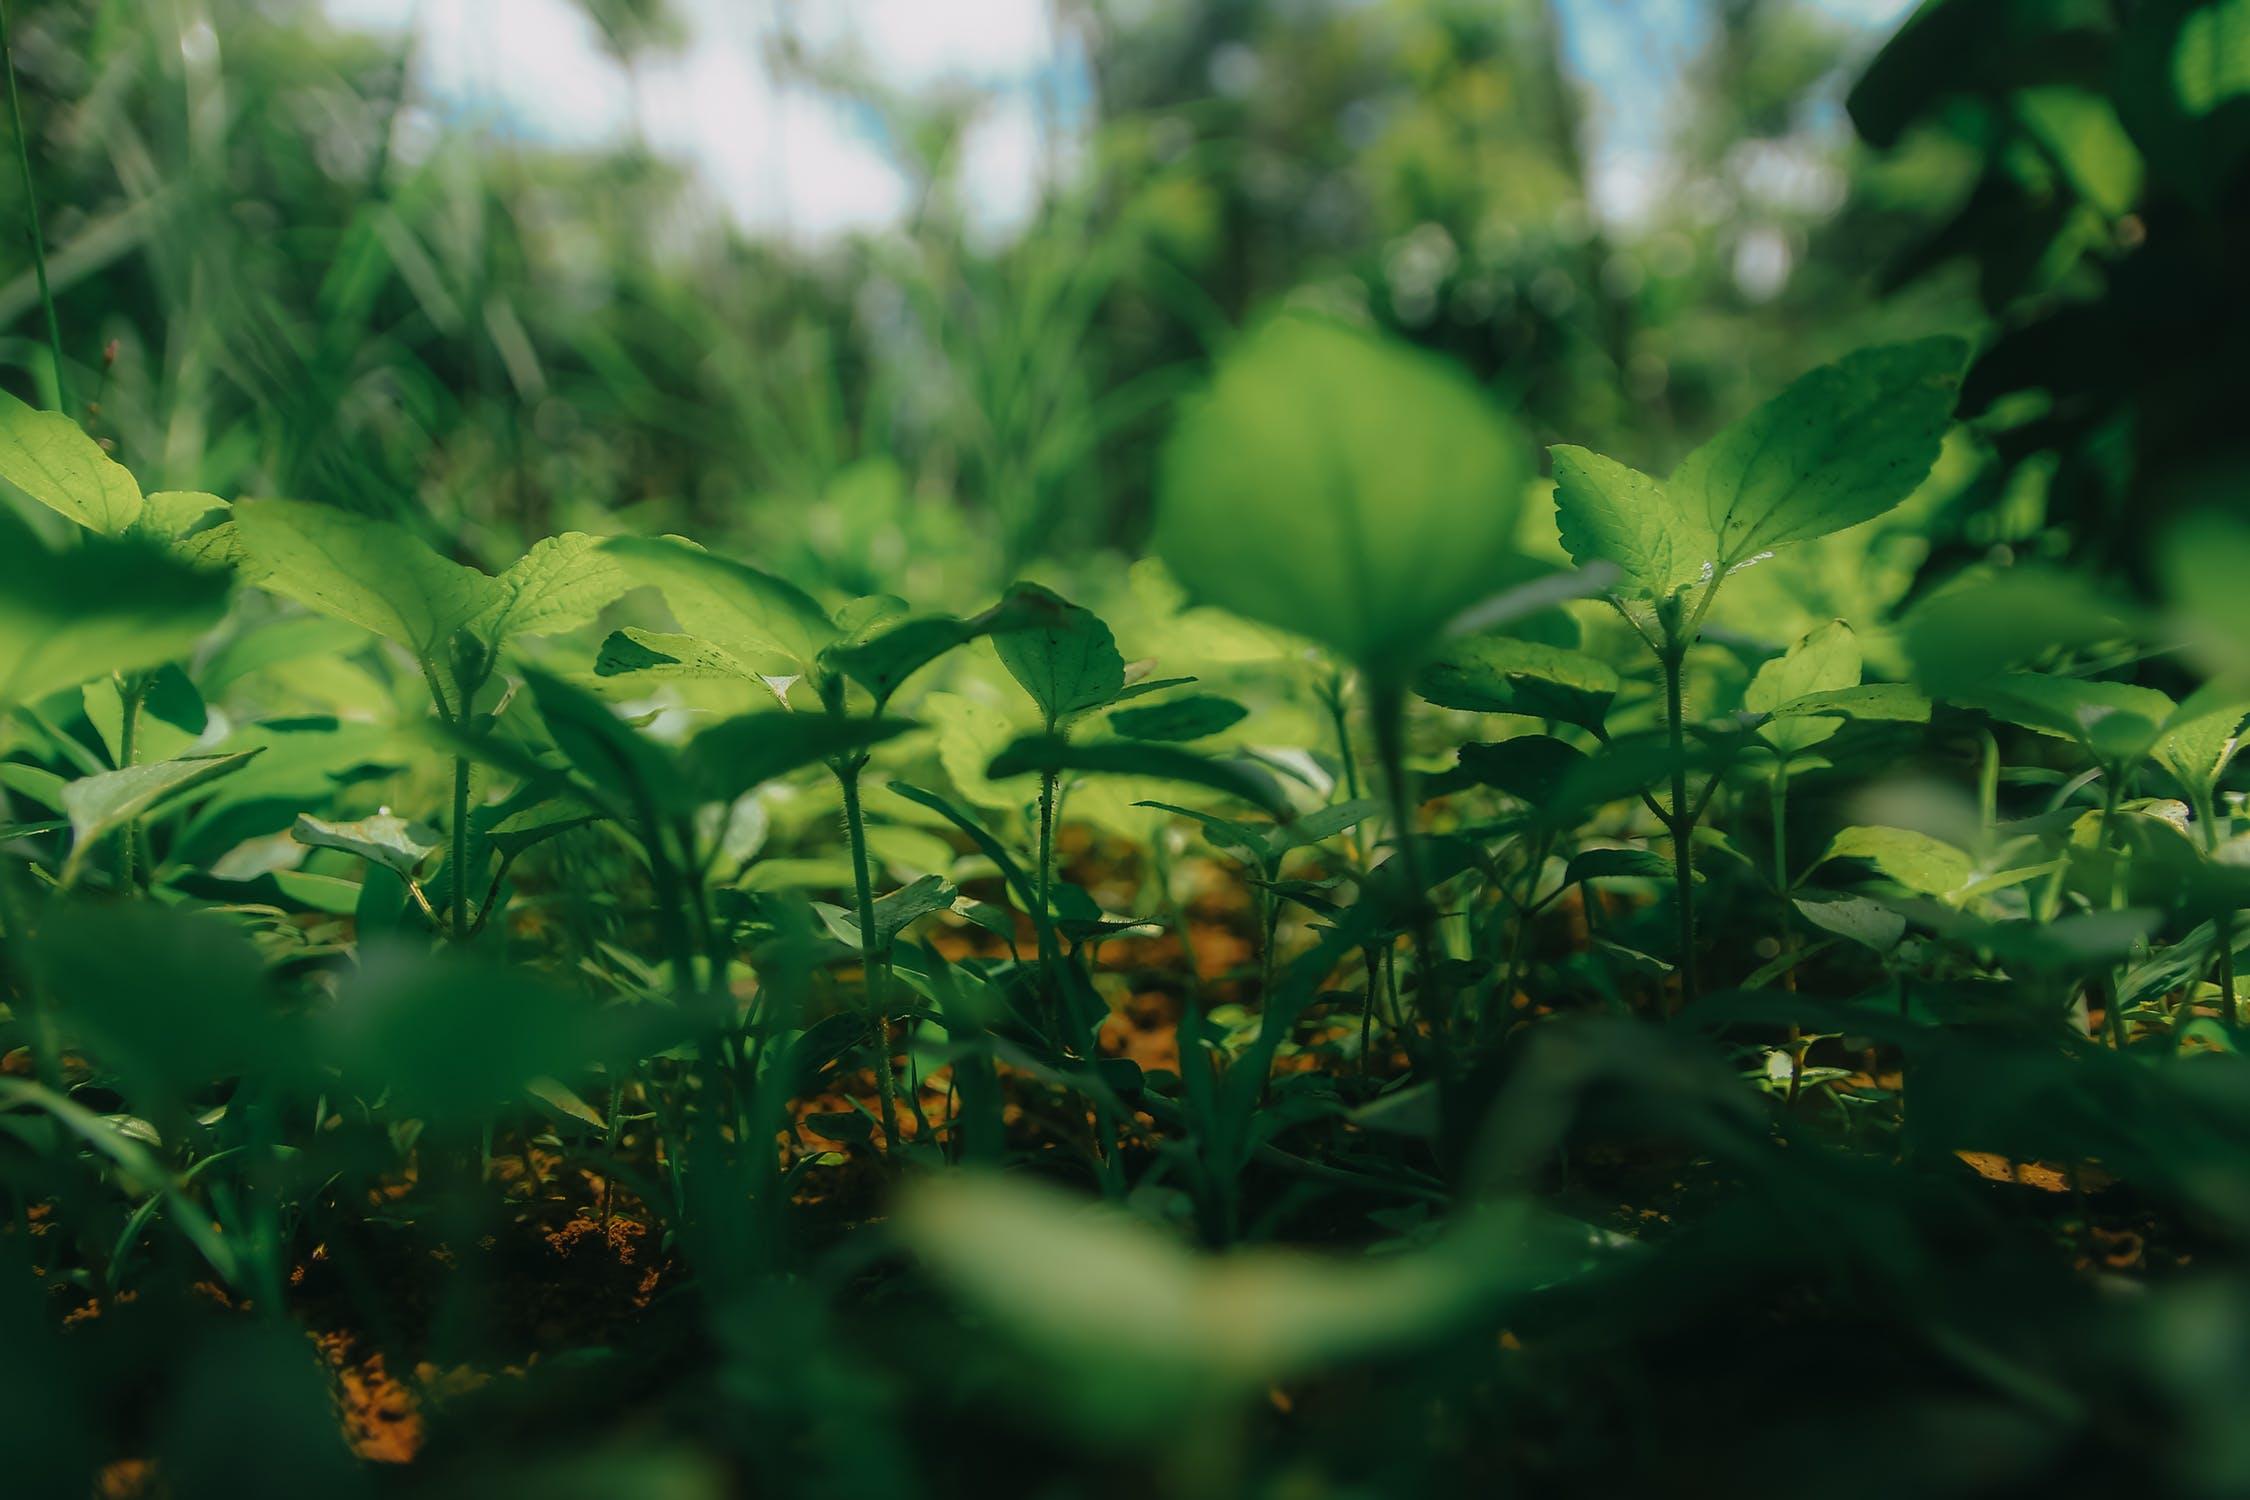 Des potagers dans la ville : l'agriculture urbaine